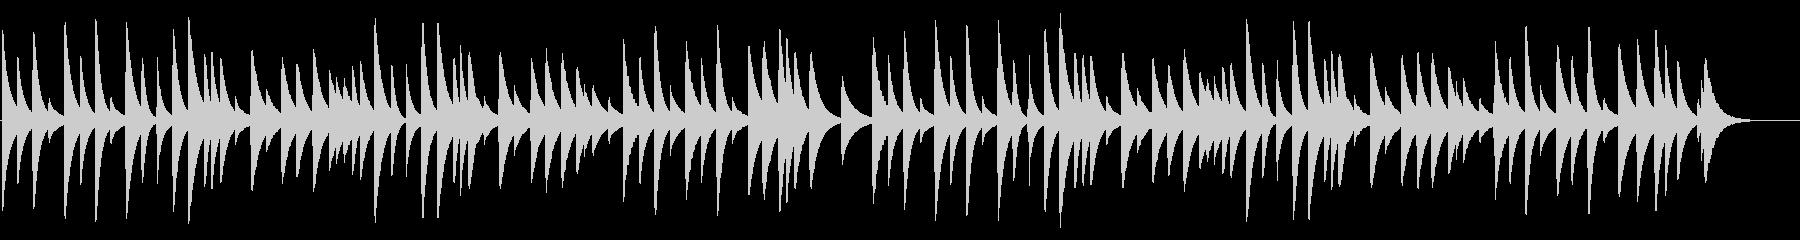 さくら さくら 18弁オルゴールの未再生の波形